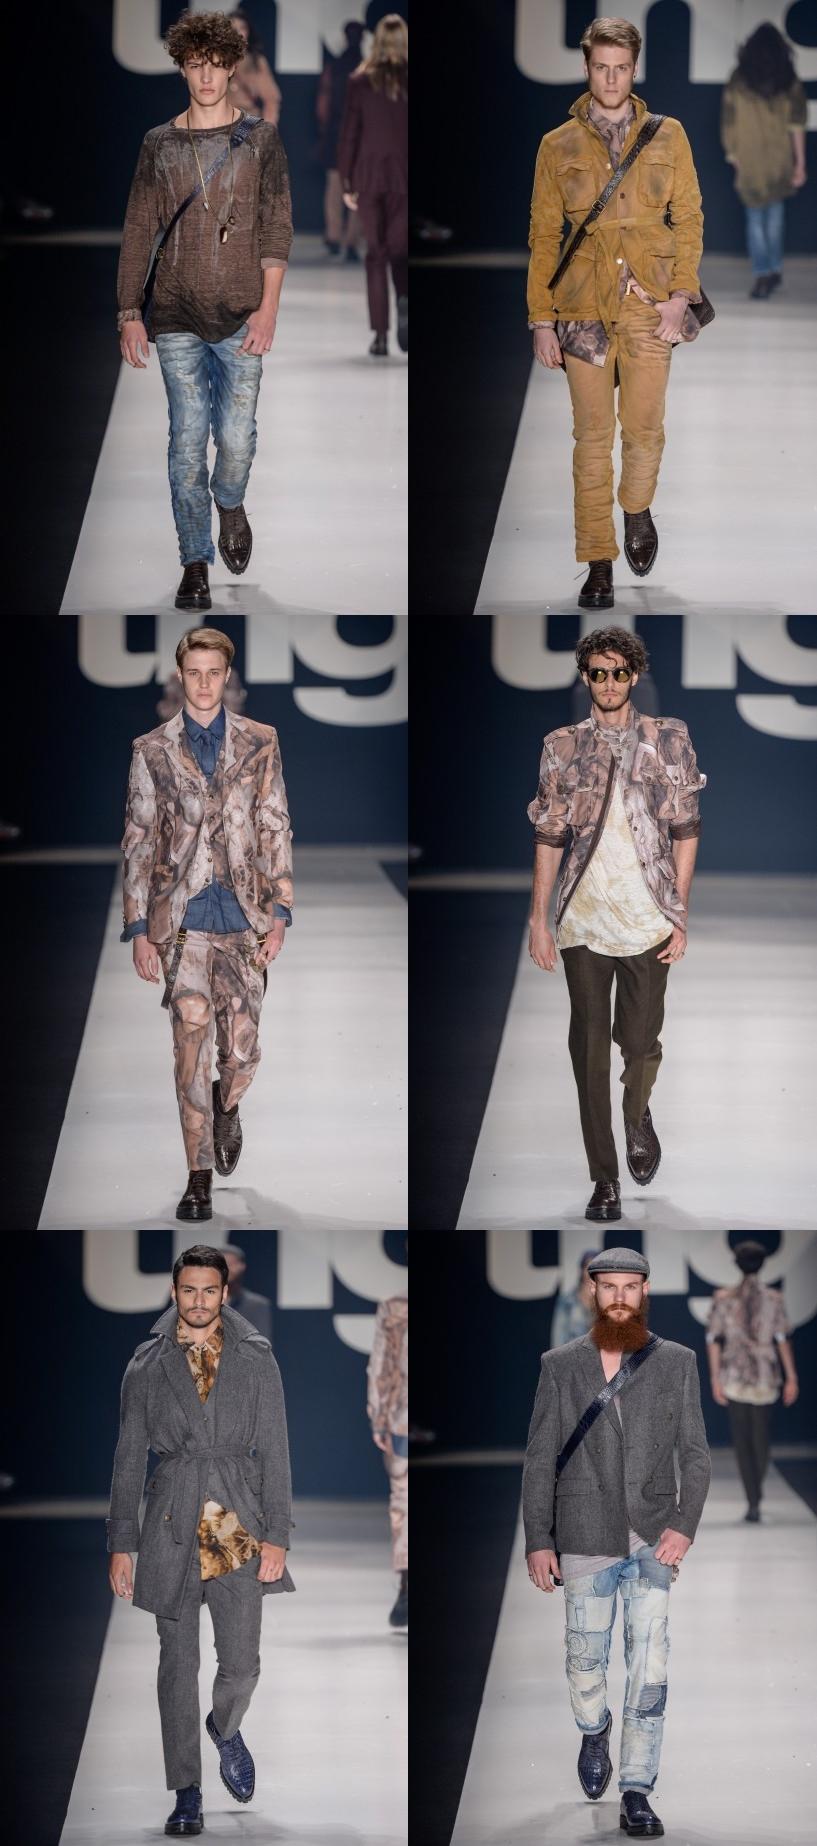 tng, inverno 2015, spfw, tendência masculina, moda masculina, estilo masculino, menswear, fashion blogger, blogger, mens, trends, style, runway, moda sem censura, blog de moda, alex cursino, 3